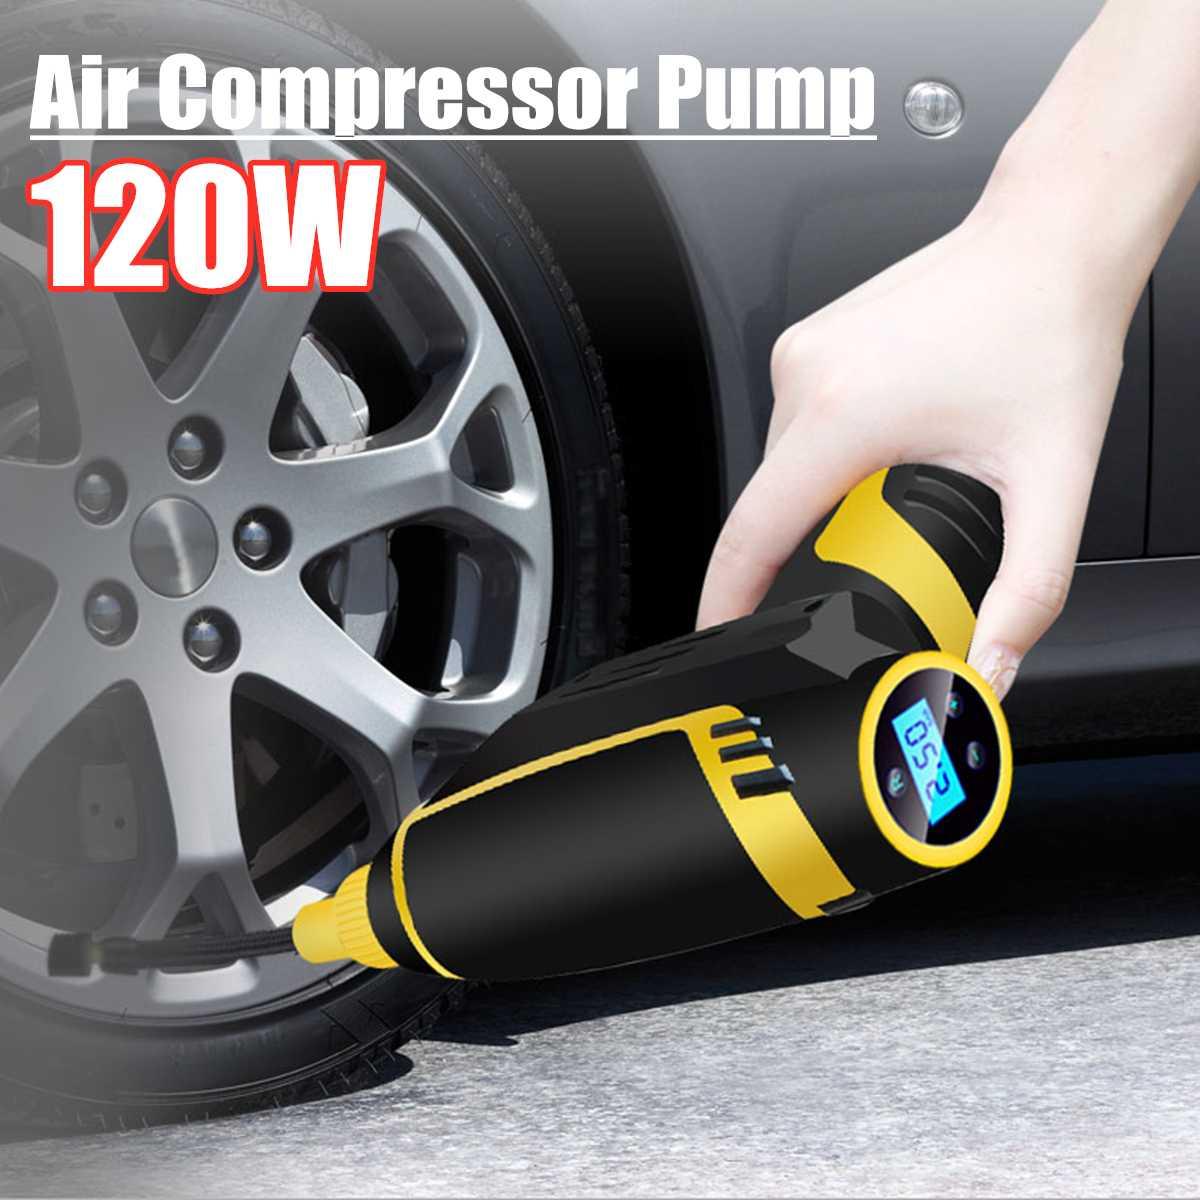 Gonfleur de pneu de voiture sans fil compresseur d'air pompe gonflable manomètre allume-cigare USB motos accessoires de vélo de voiture